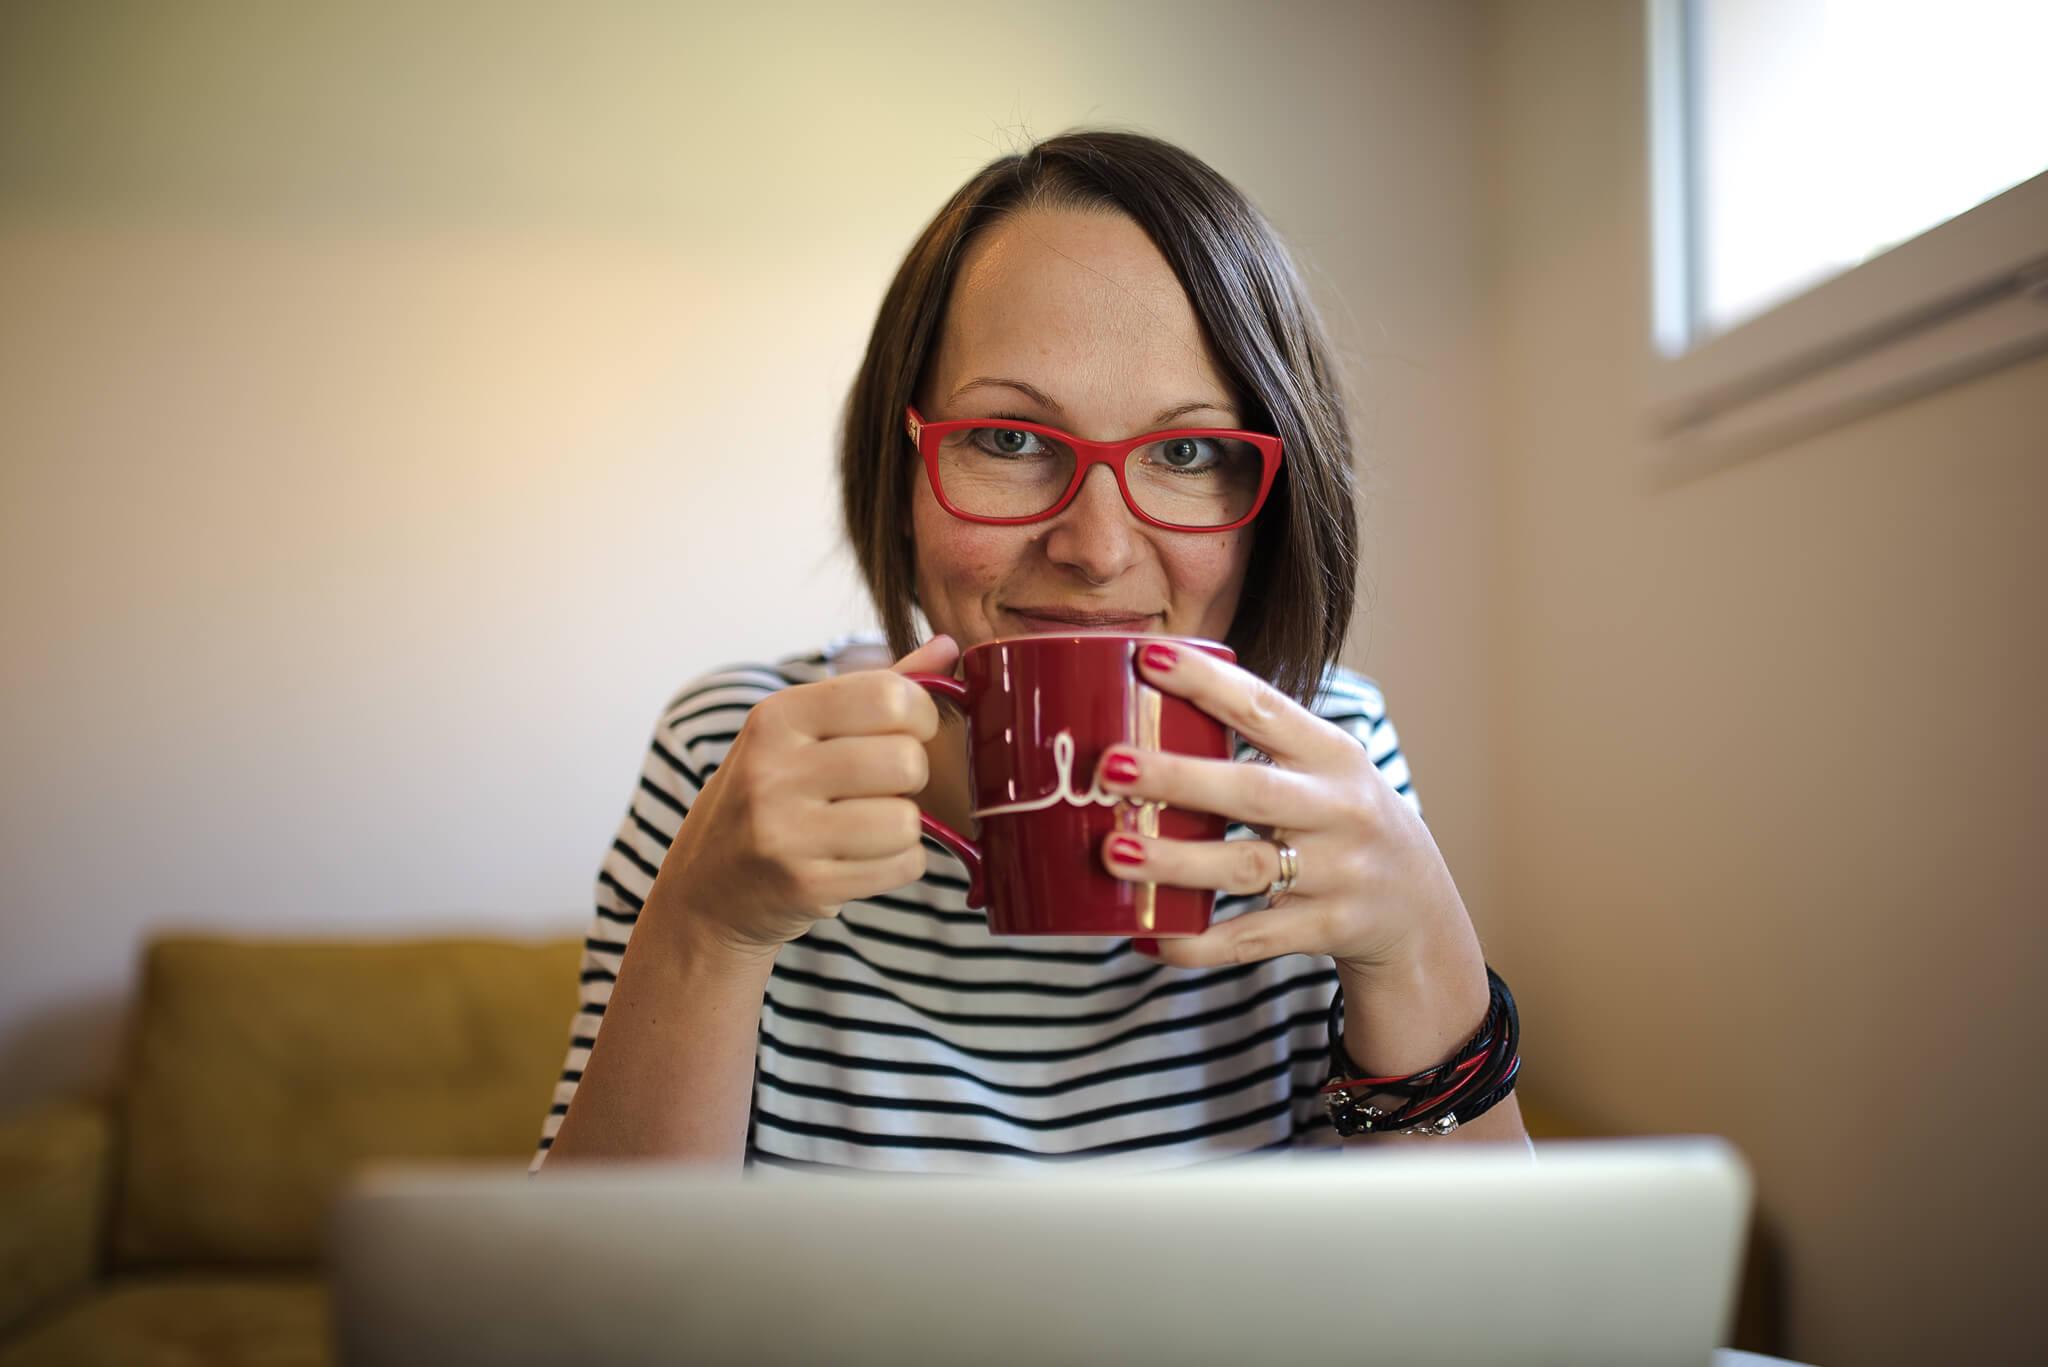 Iza z kubkiem patrząca znad komputera